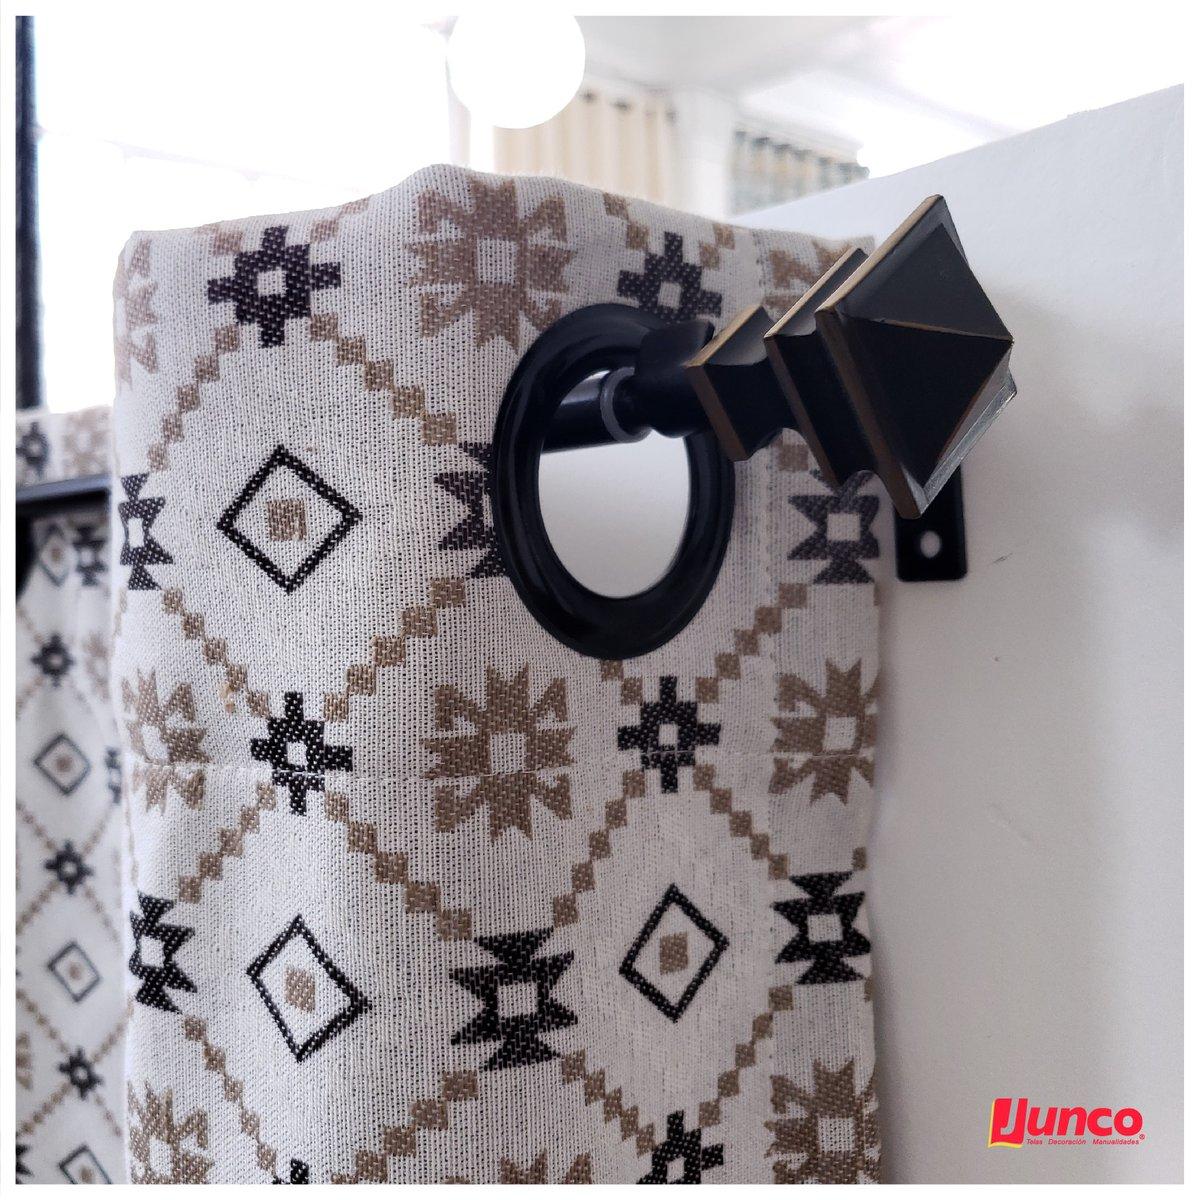 Hasta el día 29 descuentos en colores Café y Beige. En Telas Junco encuentras lo mejor para tu hogar. ❤️ . . . . . . #TelasJunco #telas #Junco #diseña #decora #decore #deco #homedeco #homeideas #interior #interiorism #cortinas #color #Febrero #cdmx #gdl #chapalita #hogar #RT